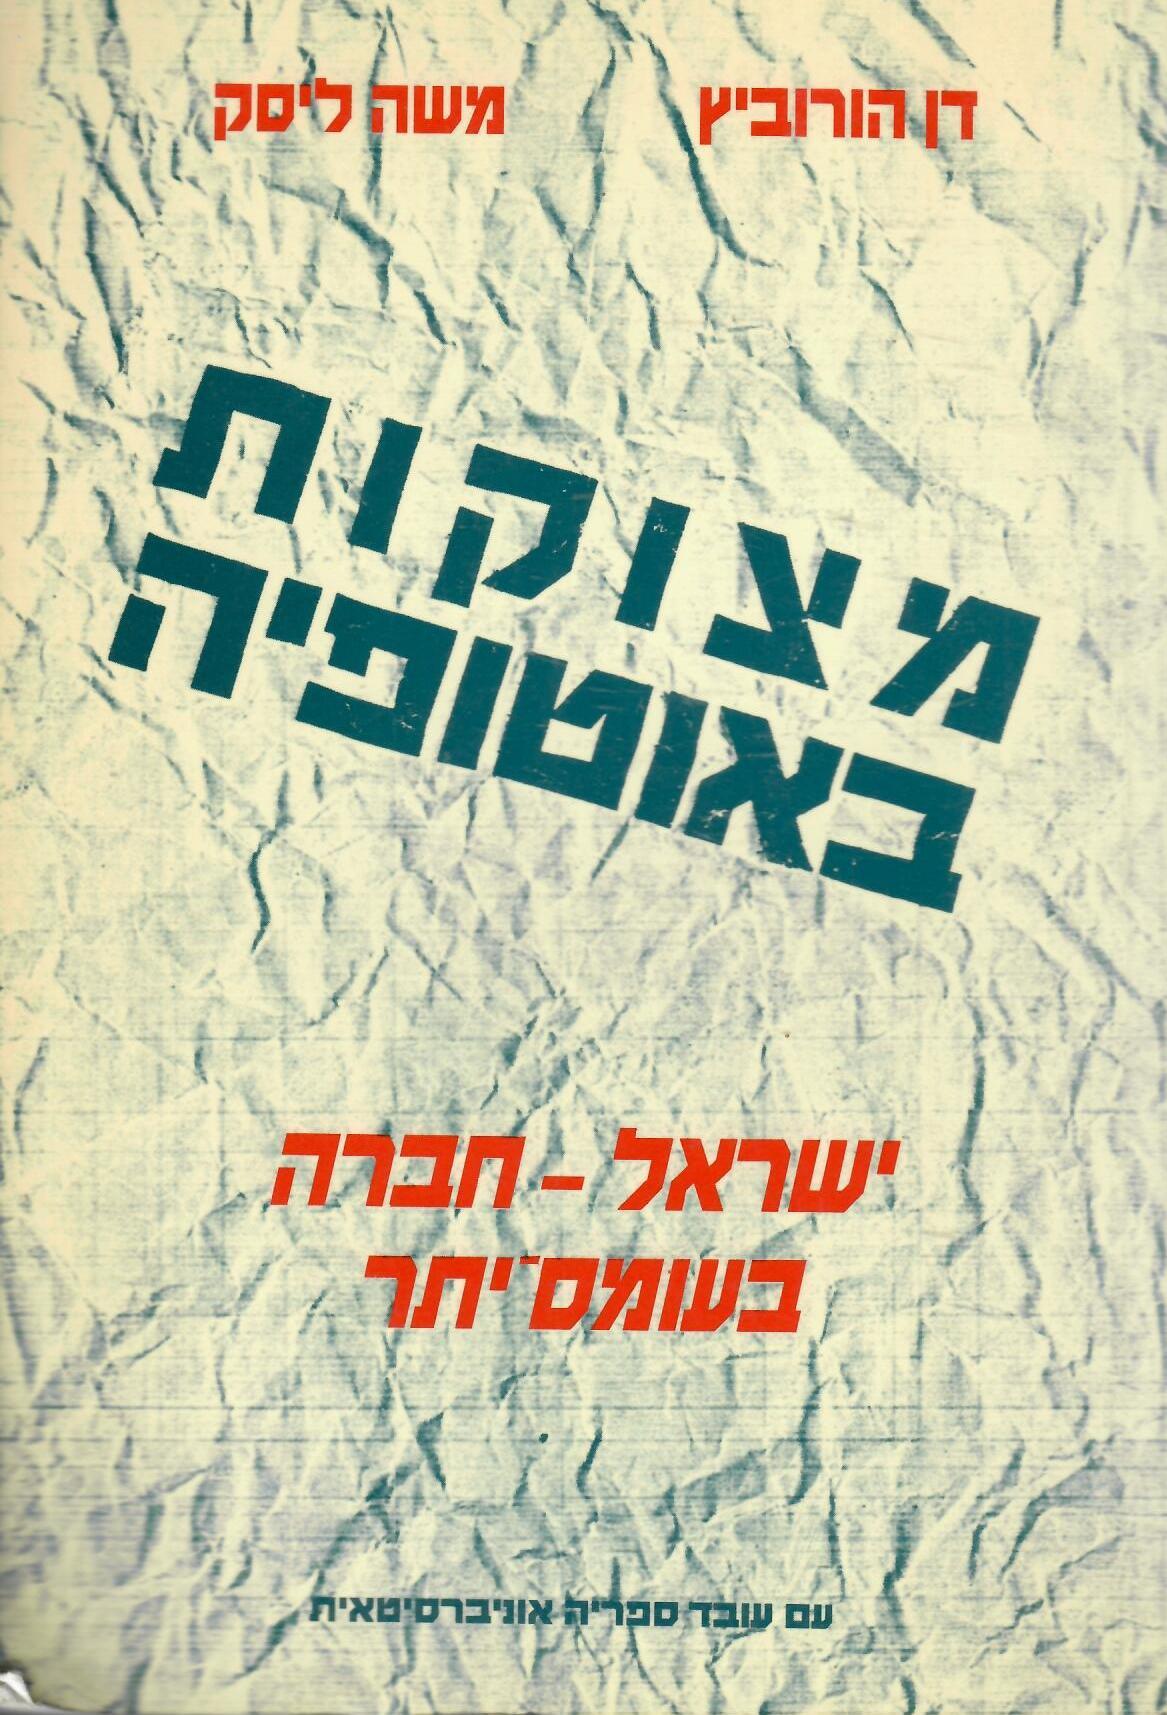 מצוקות באוטופיה : ישראל - חברה בעומס-יתר - דן ליסק הורוביץ